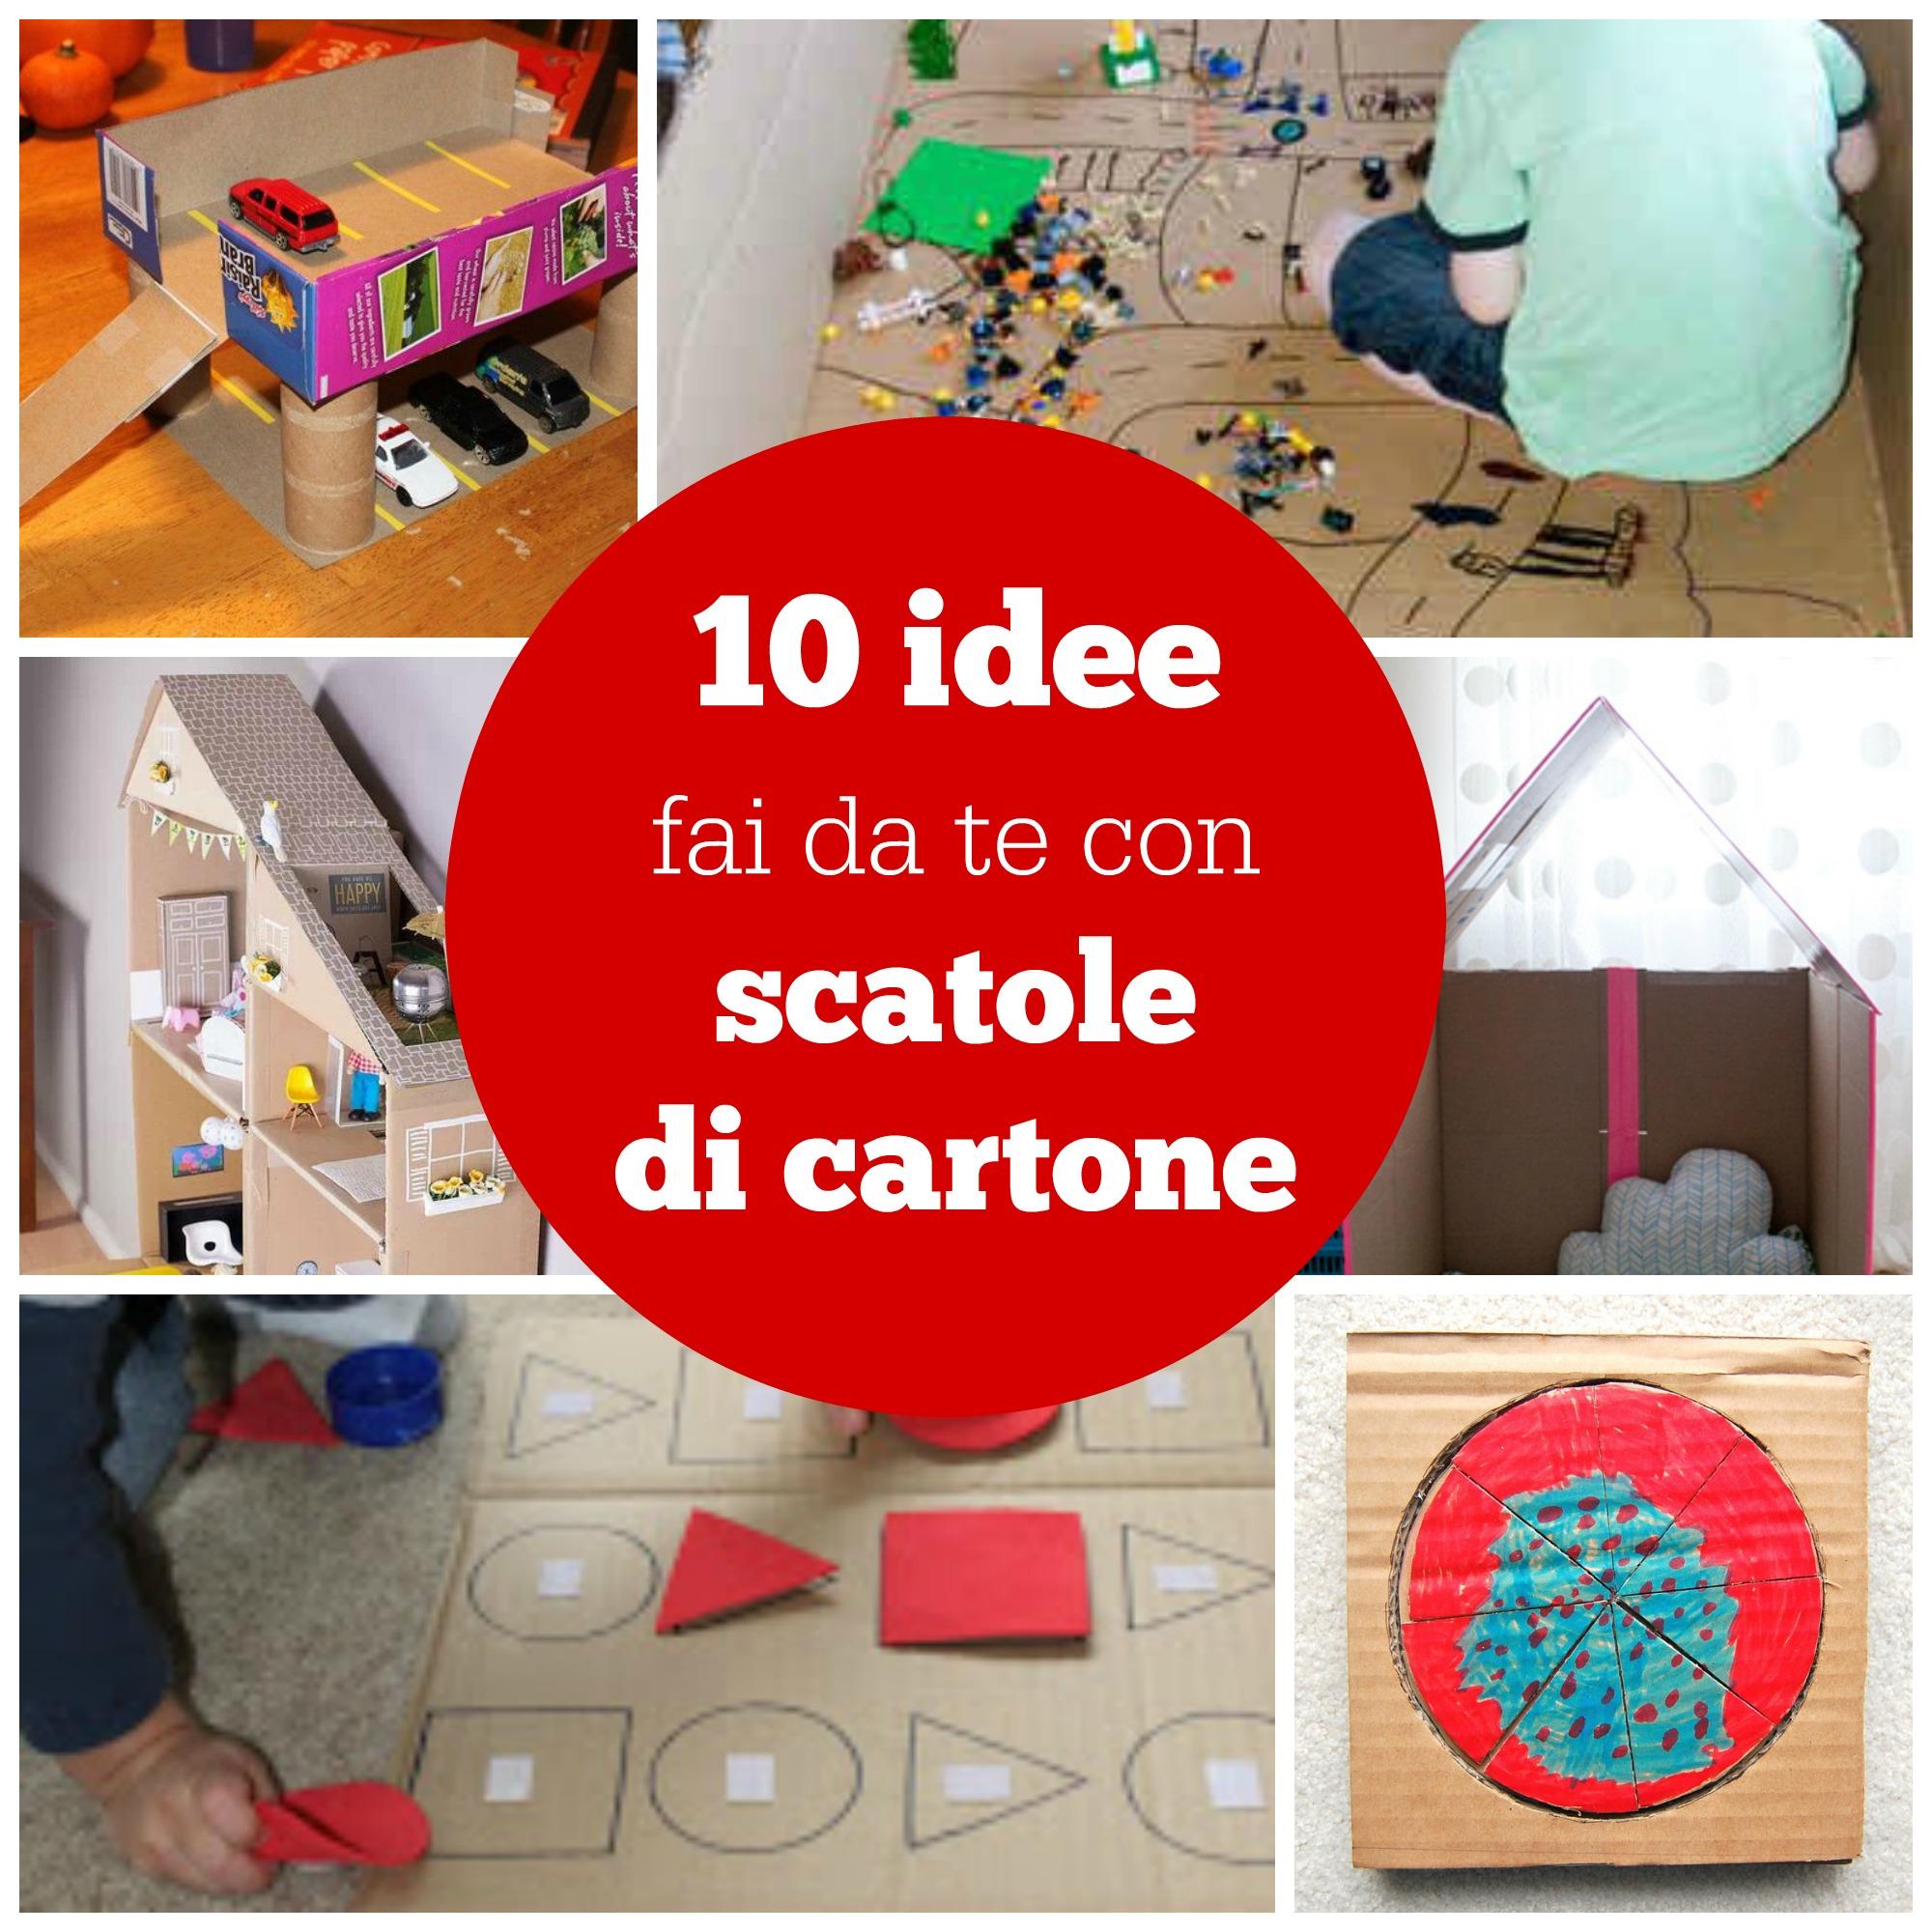 10 idee fai da te con scatole di cartone babygreen for Fai da te casa idee